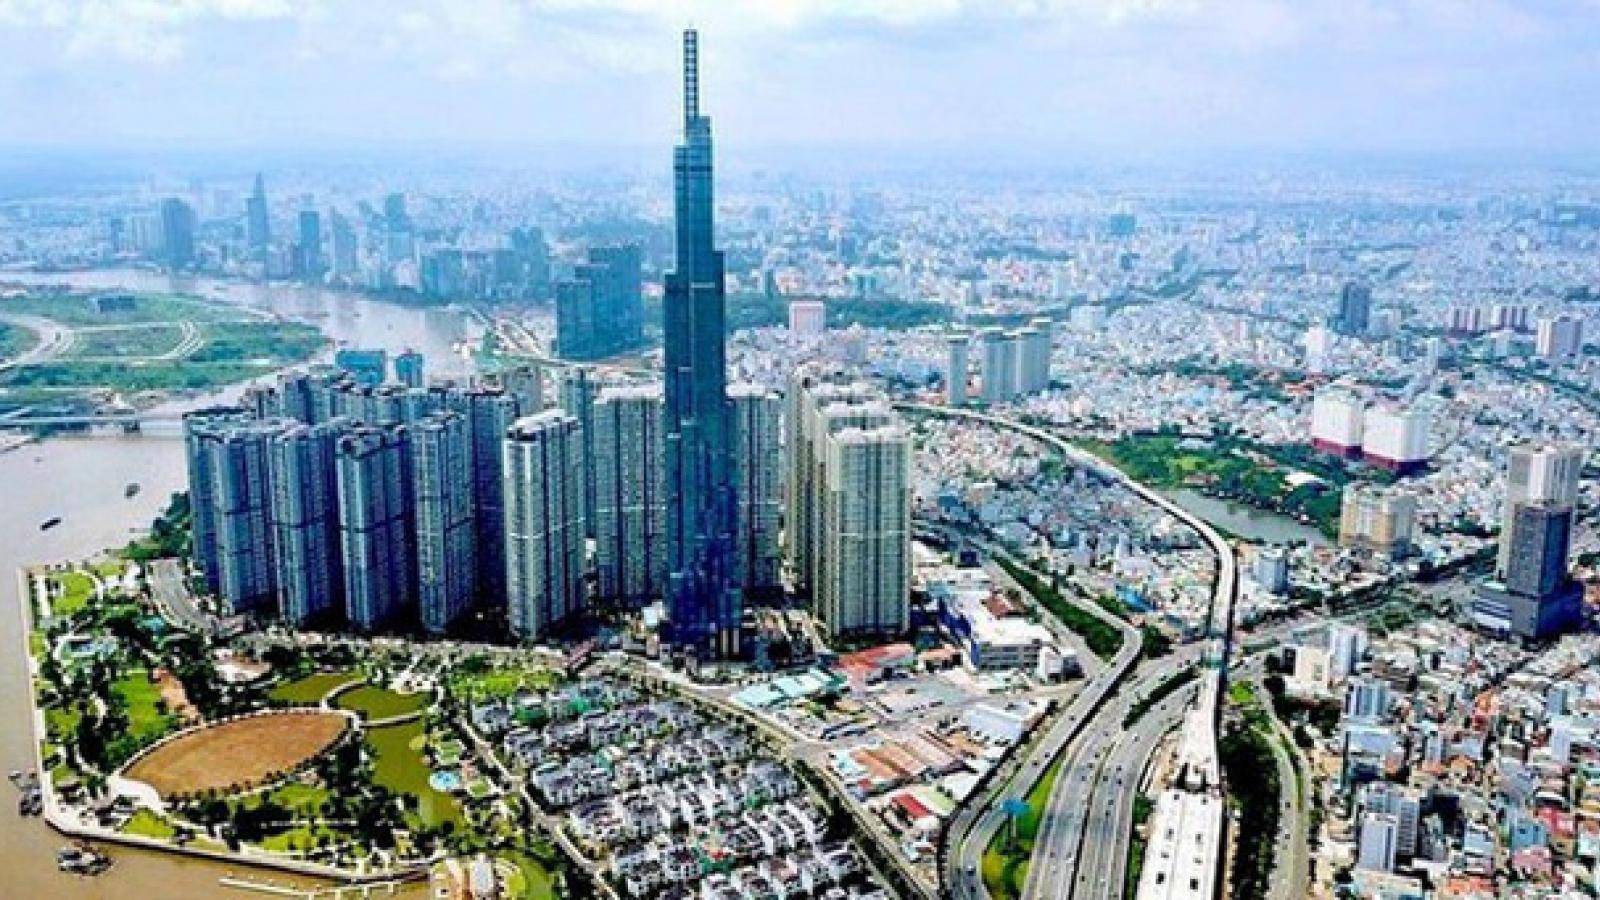 Chi phí sinh hoạt ở TP Hồ Chí Minh thuộc hàng rẻ nhất Đông Nam Á